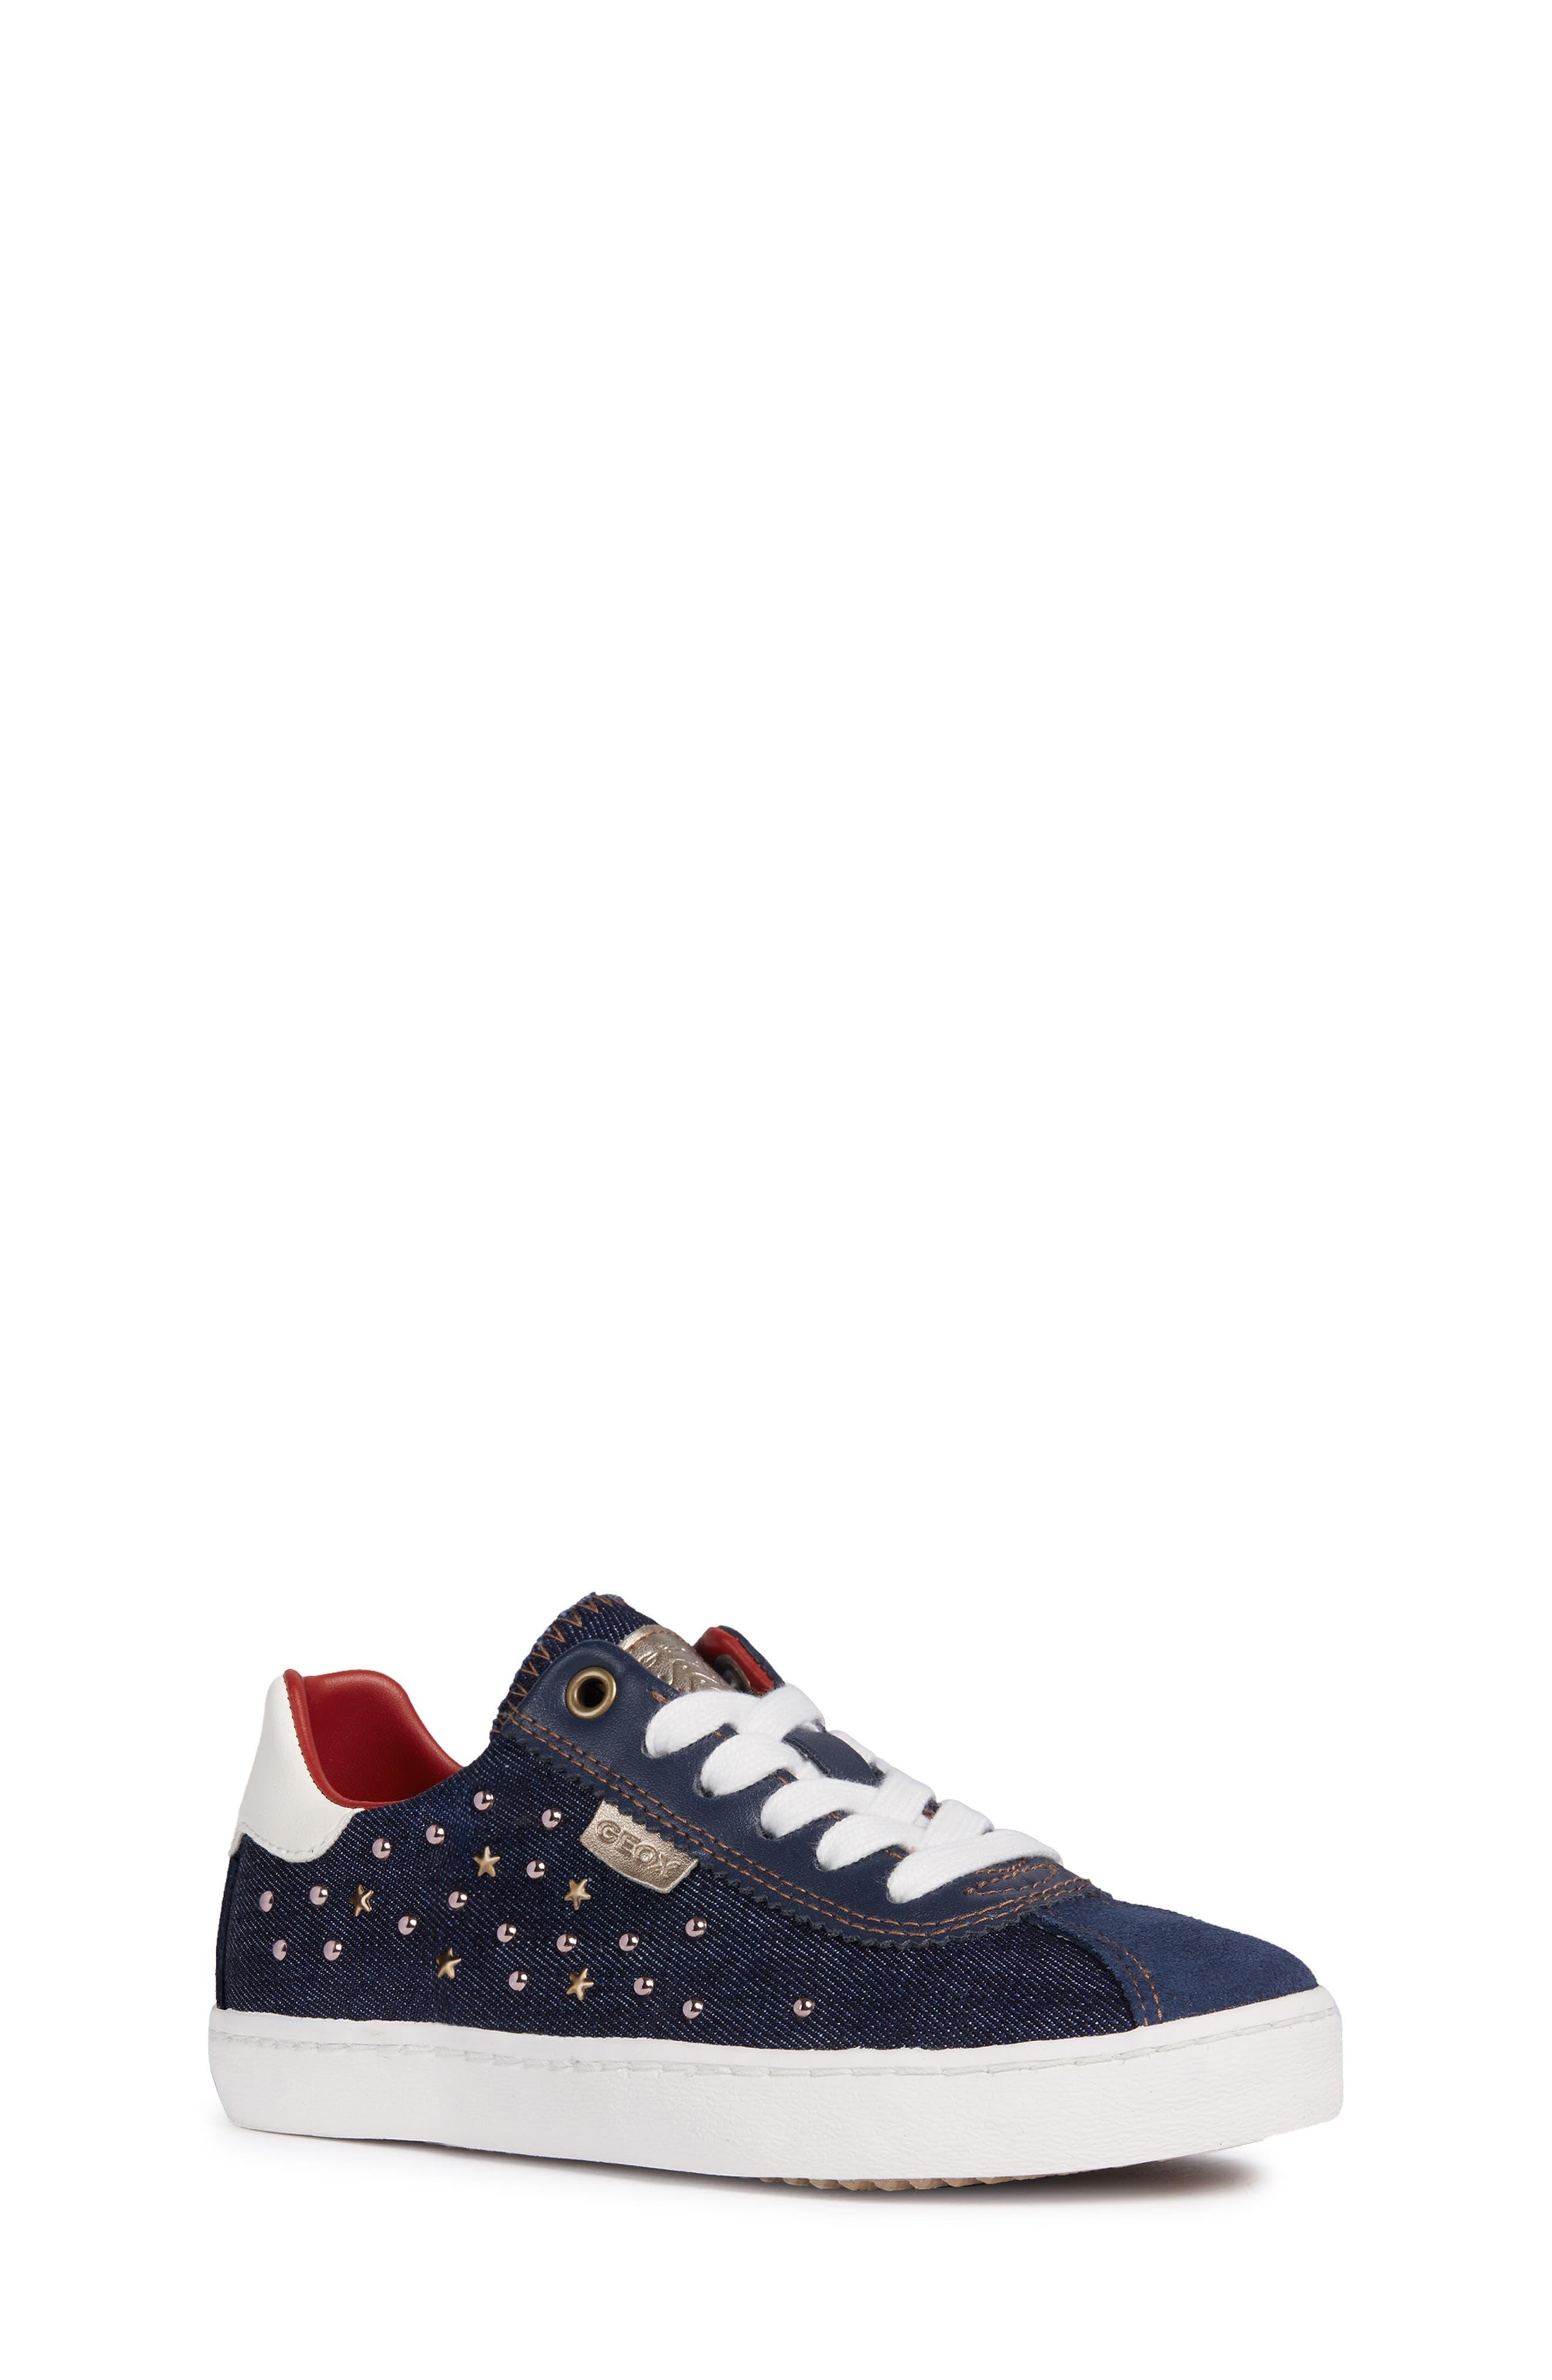 Kilwi Zip Low Top Sneaker, Main, color, NAVY